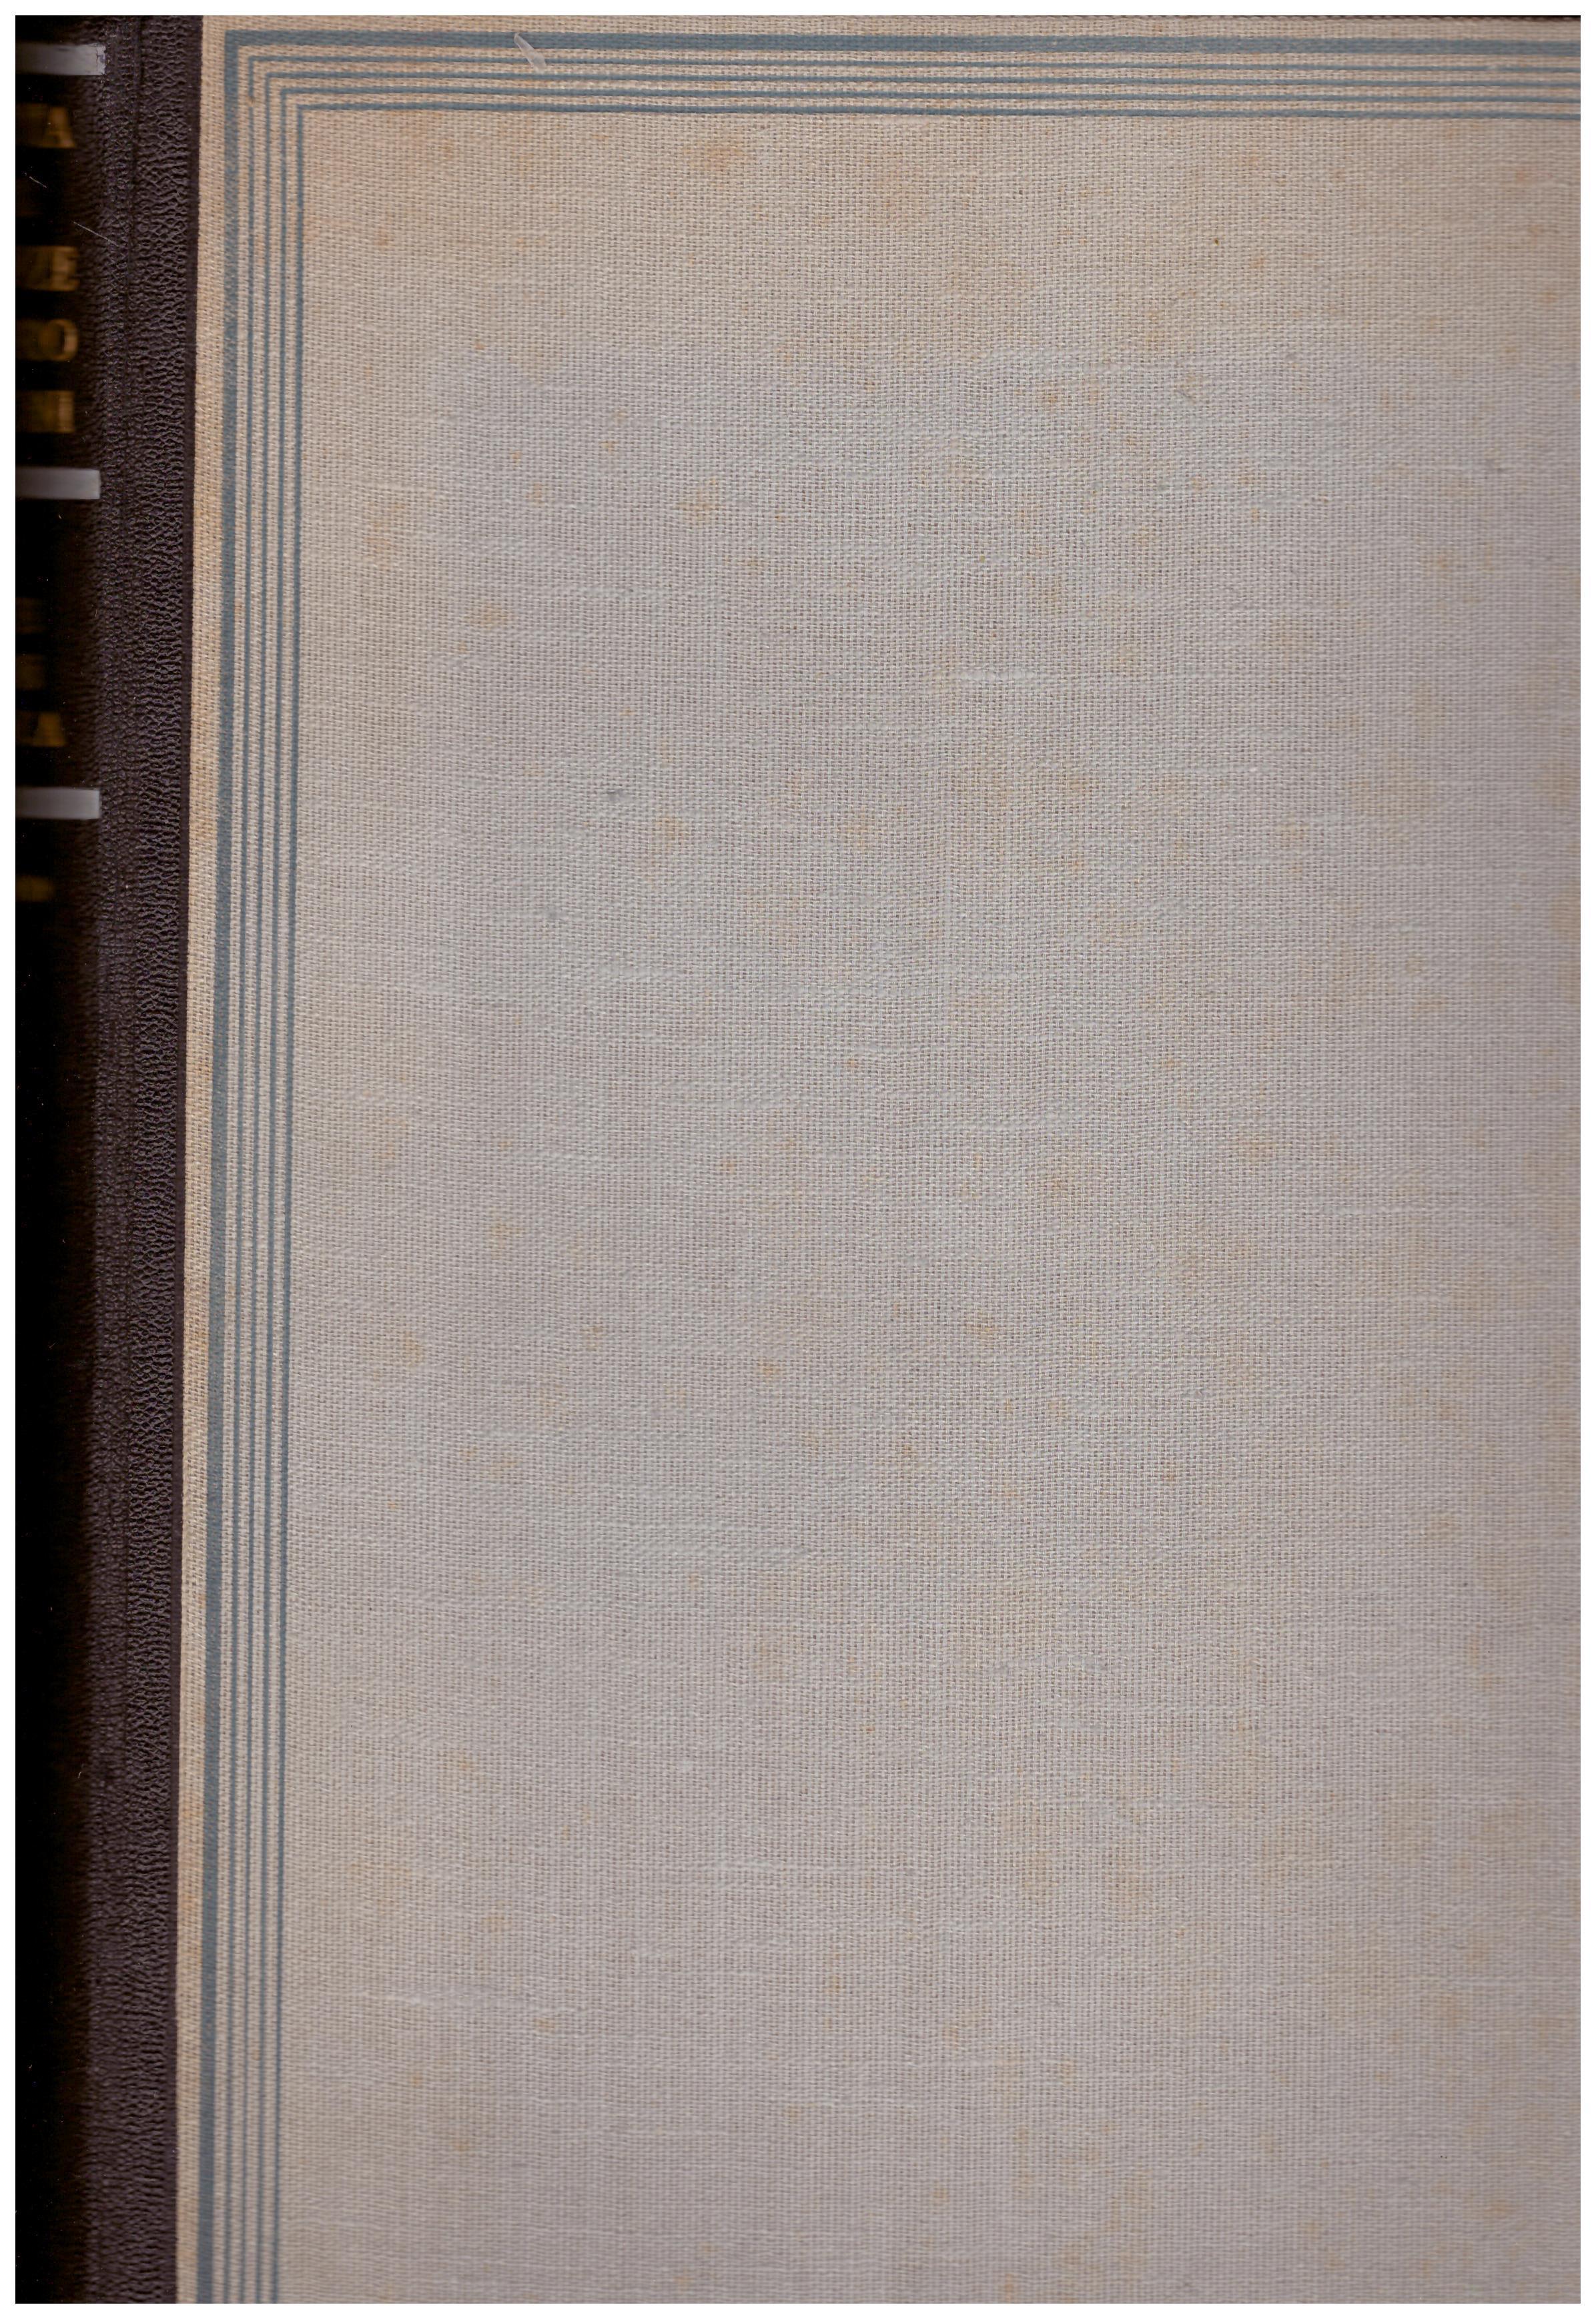 Titolo: Enciclopedia storica delle scienze e delle loro applicazioni, opera completa: Vol.I Le scienze fisico matematiche, Vol.II Tomo primo Le scienze applicate e la tecnica, Vol.